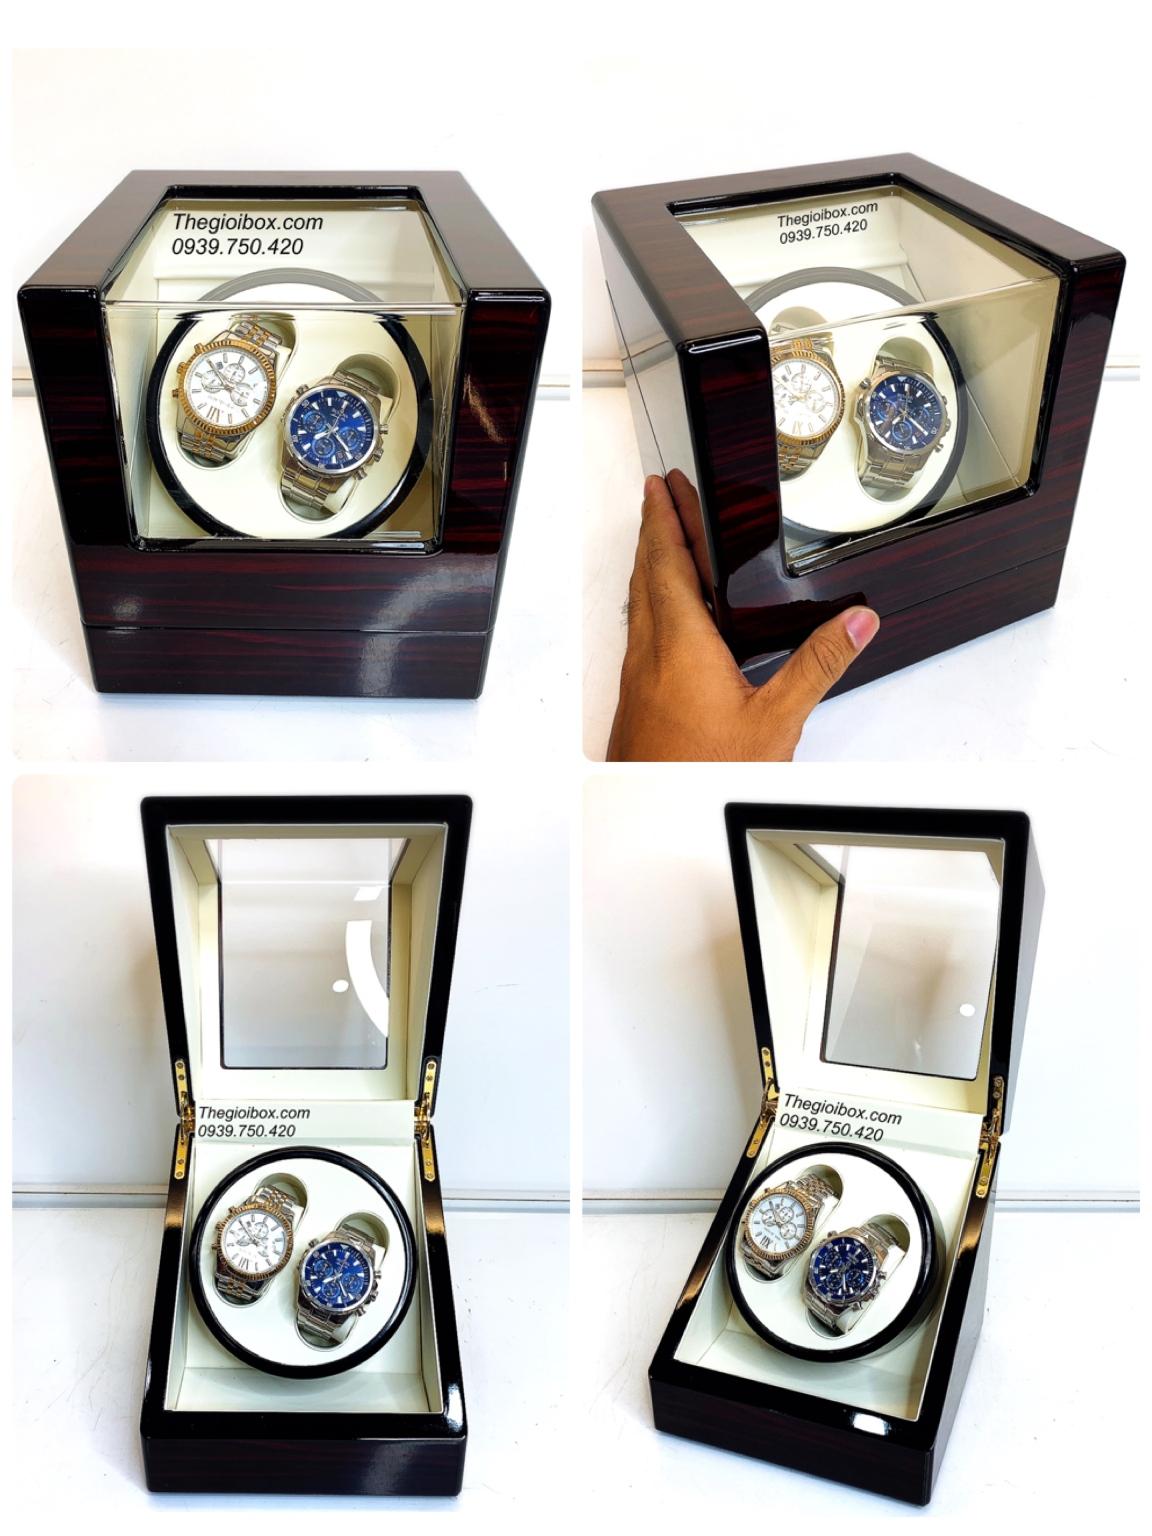 hộp xoay đồng hồ cơ 2 cái có pin vỏ gỗ màu nâu giá rẻ